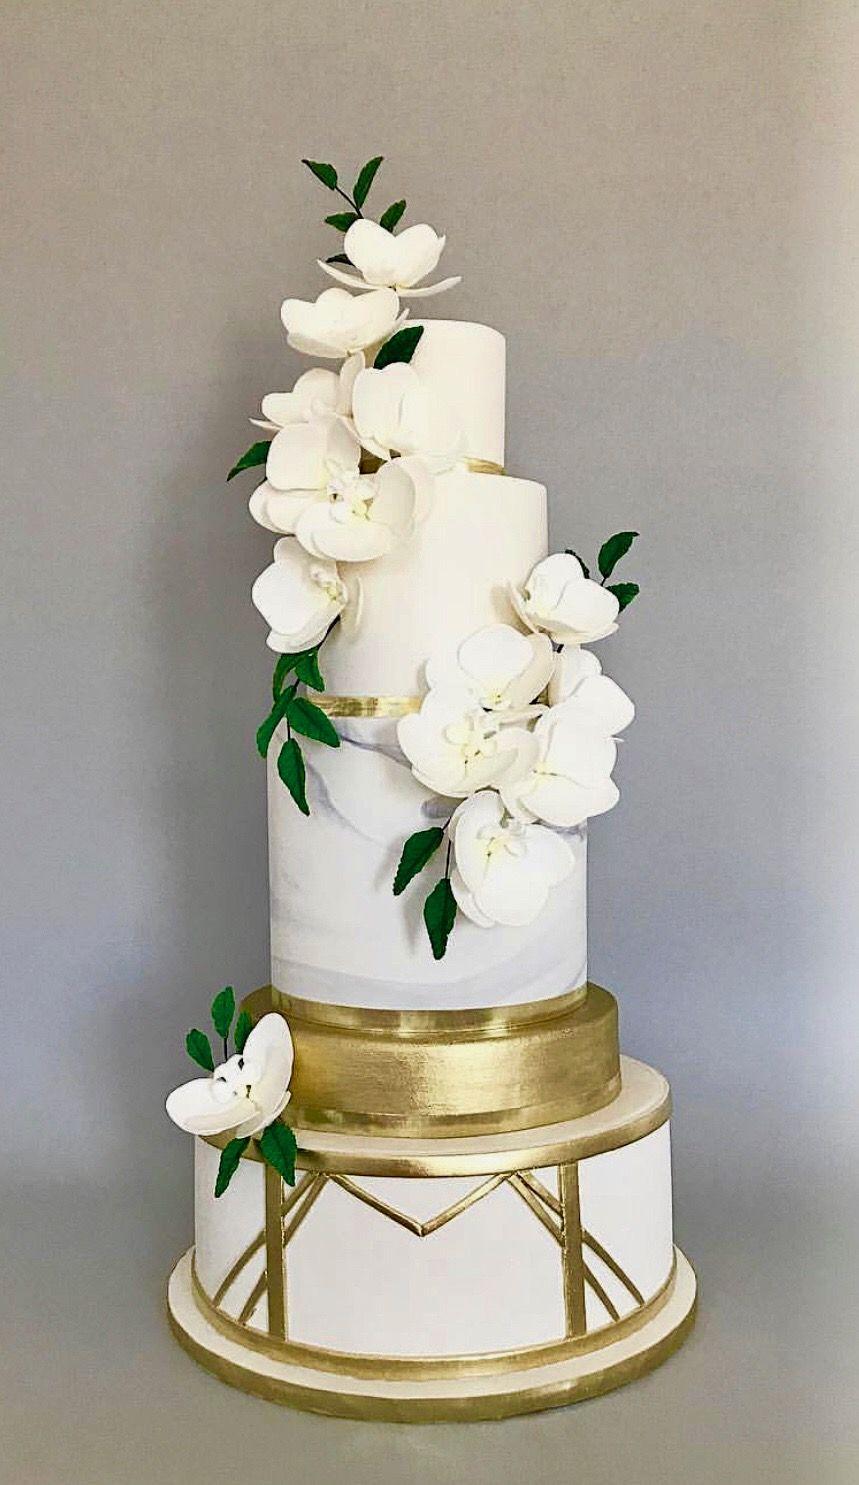 cake #2019bride #bridetobe #brides #happybride #weddinggram